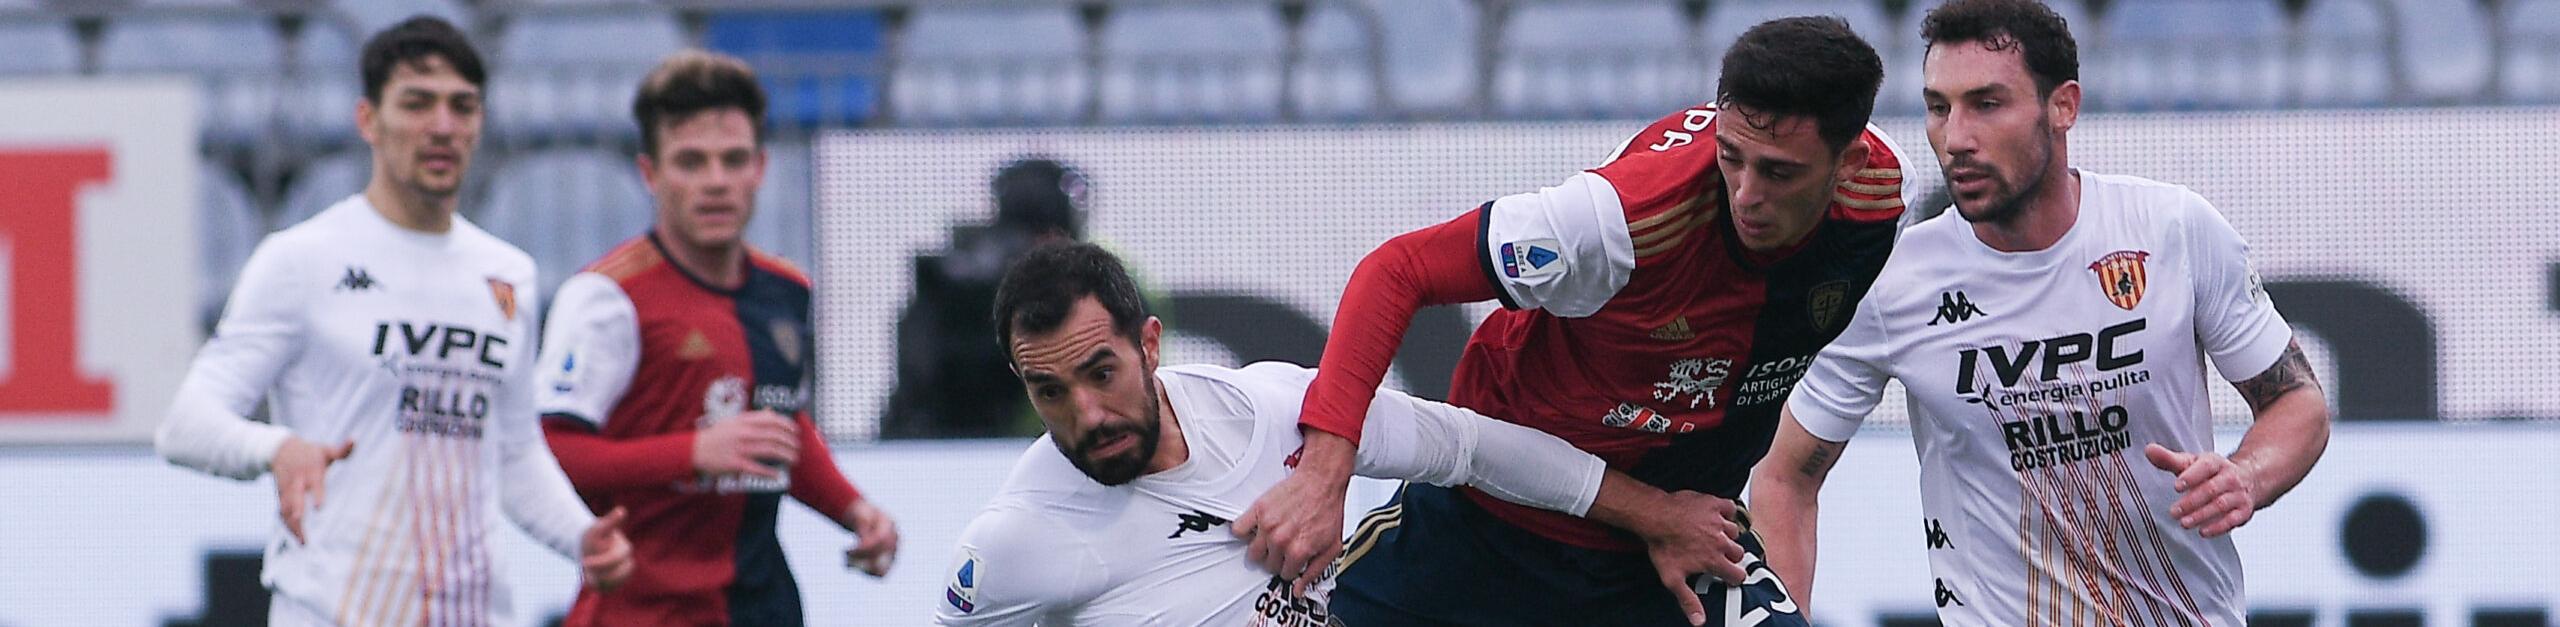 Benevento-Cagliari, spareggio per la salvezza: chi si ferma è perduto